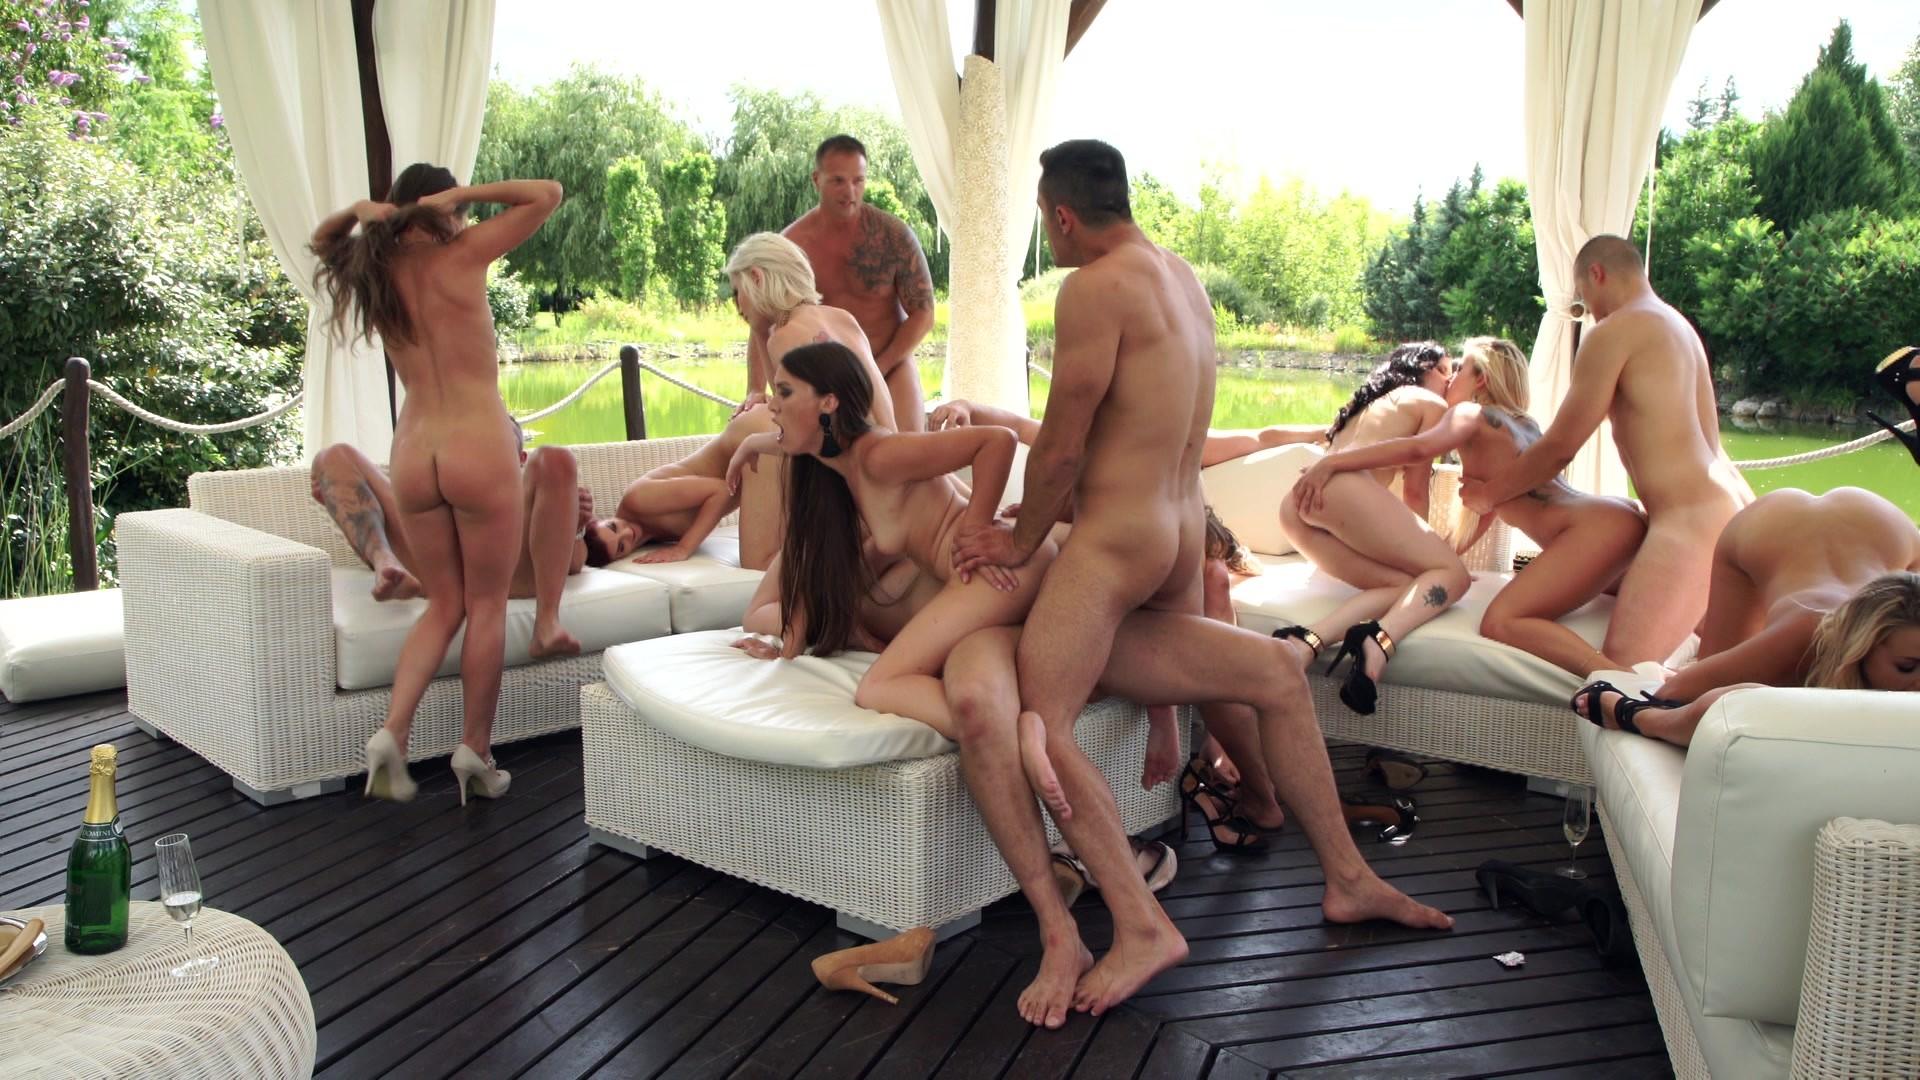 Free real nudist pics